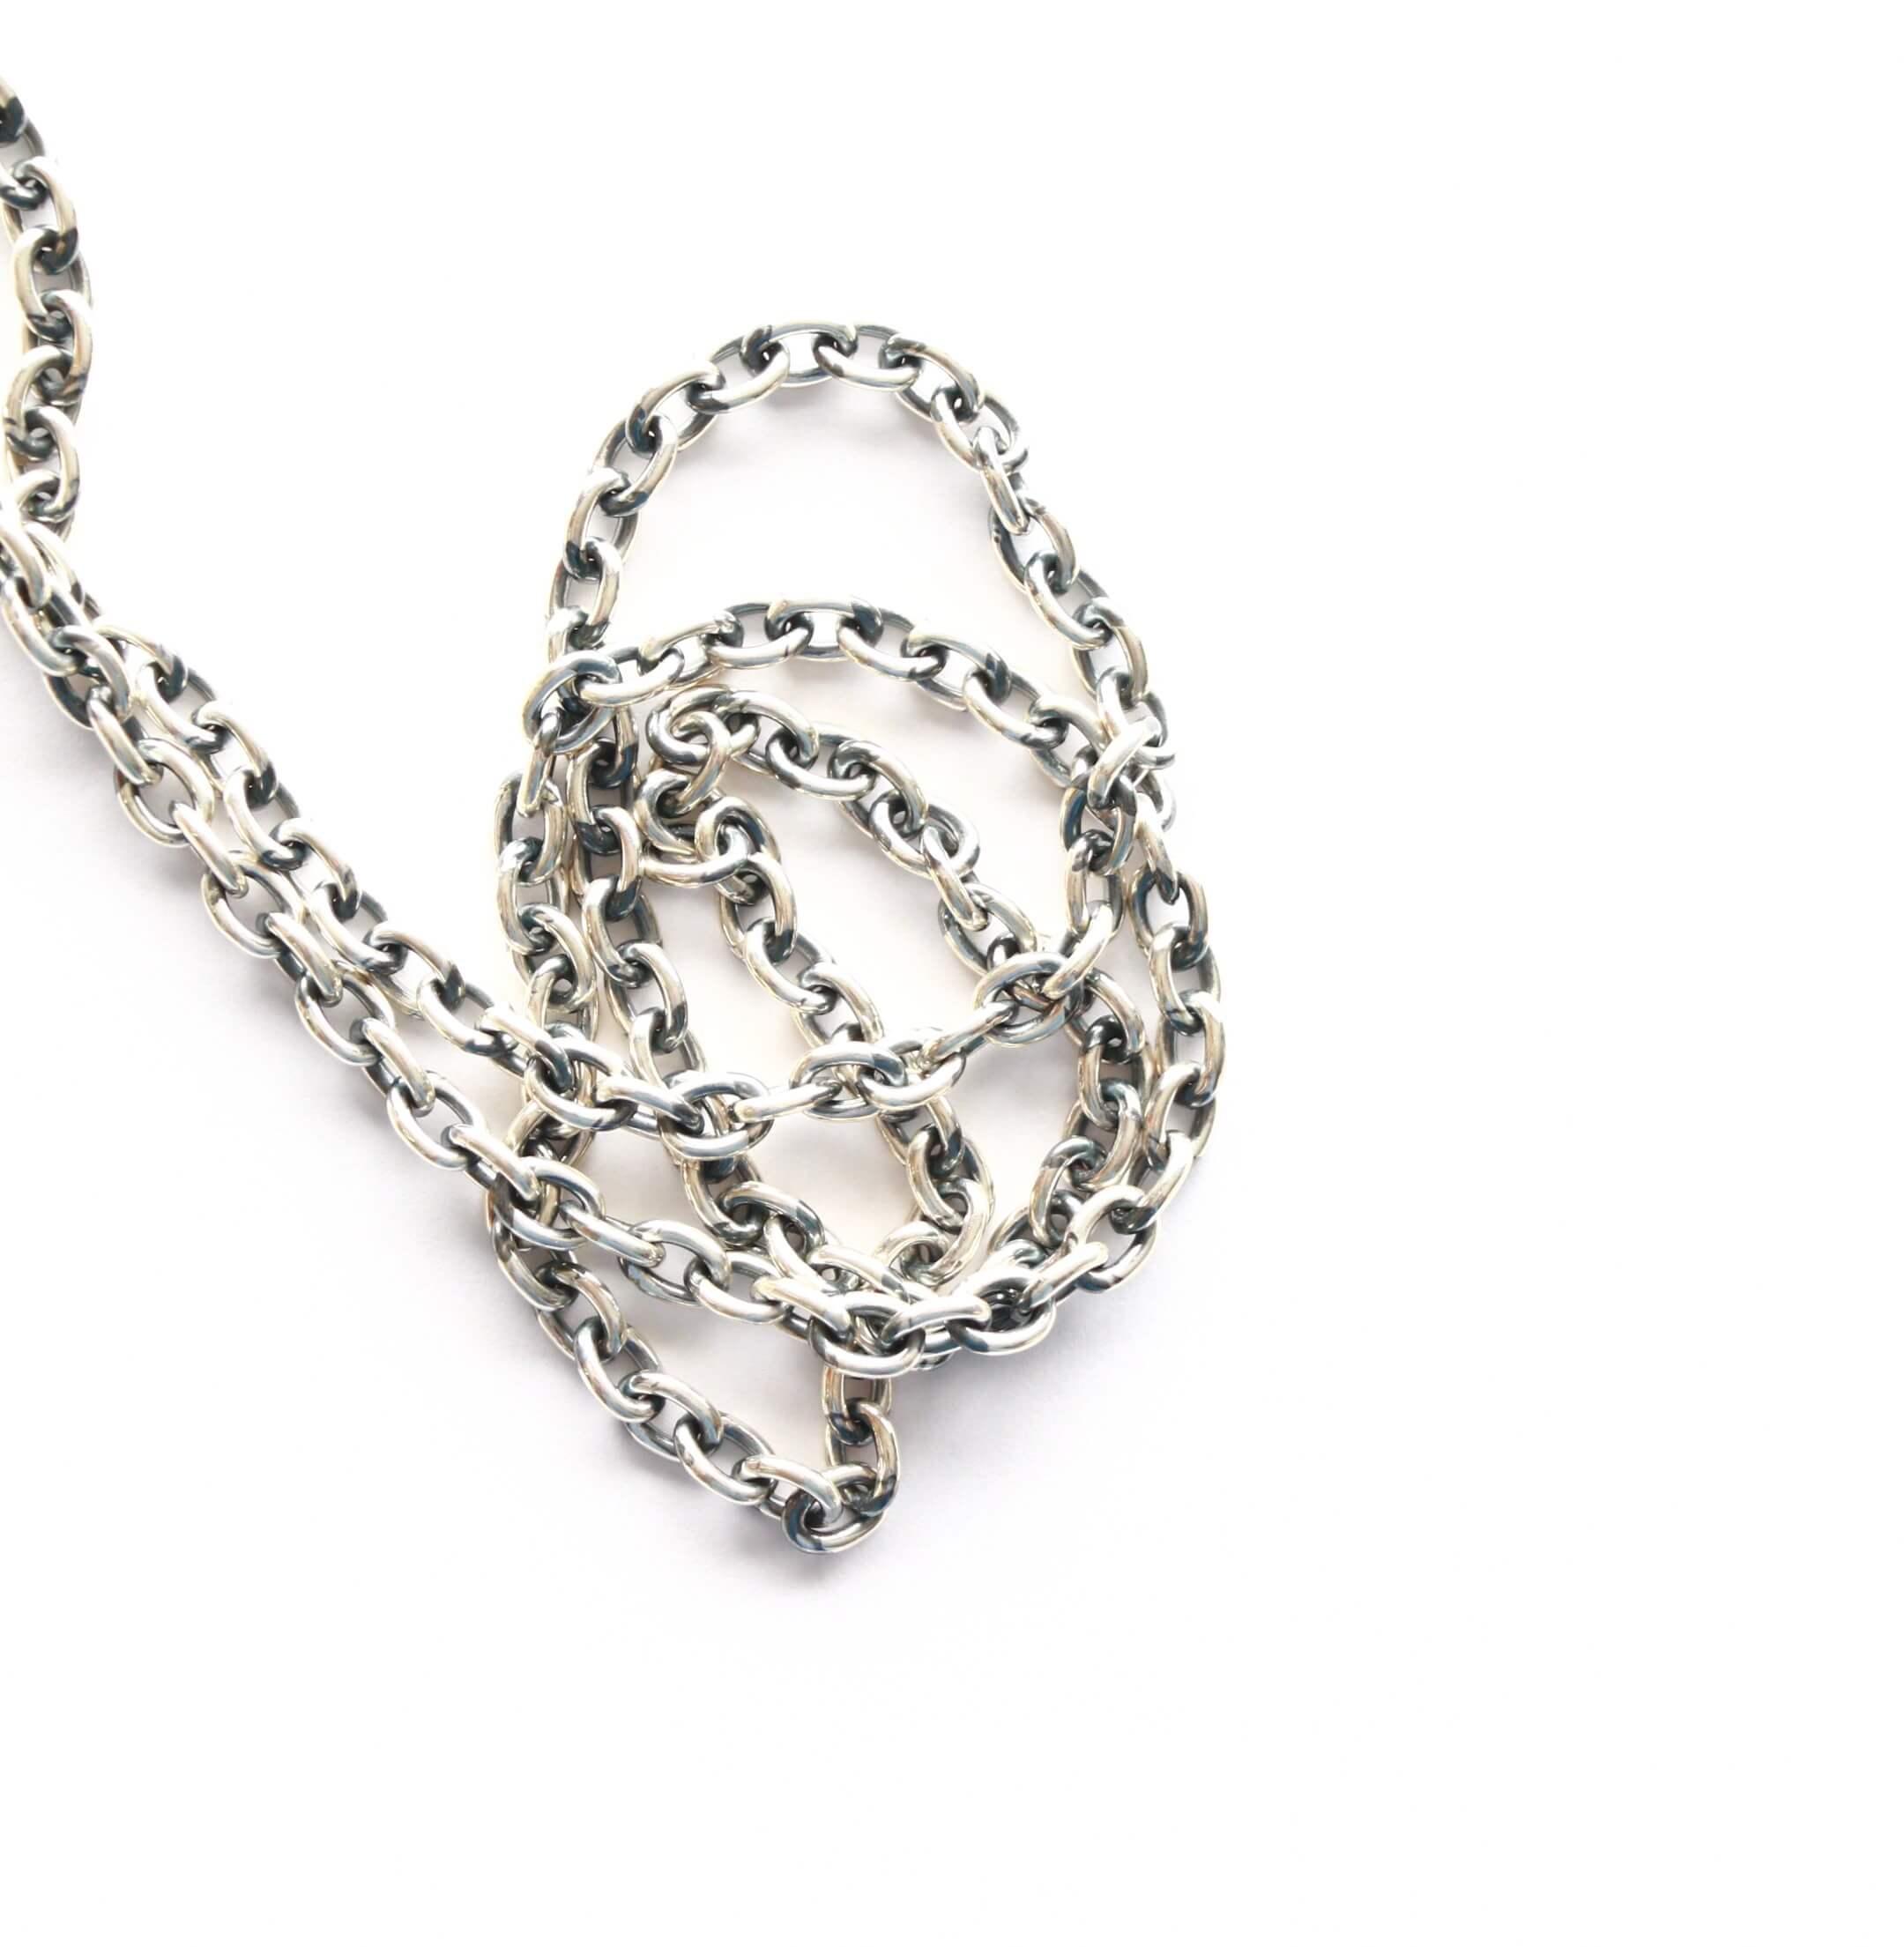 hemlock ヘムロック Silver Chain 太 60cm シルバーチェーン 太 60cm